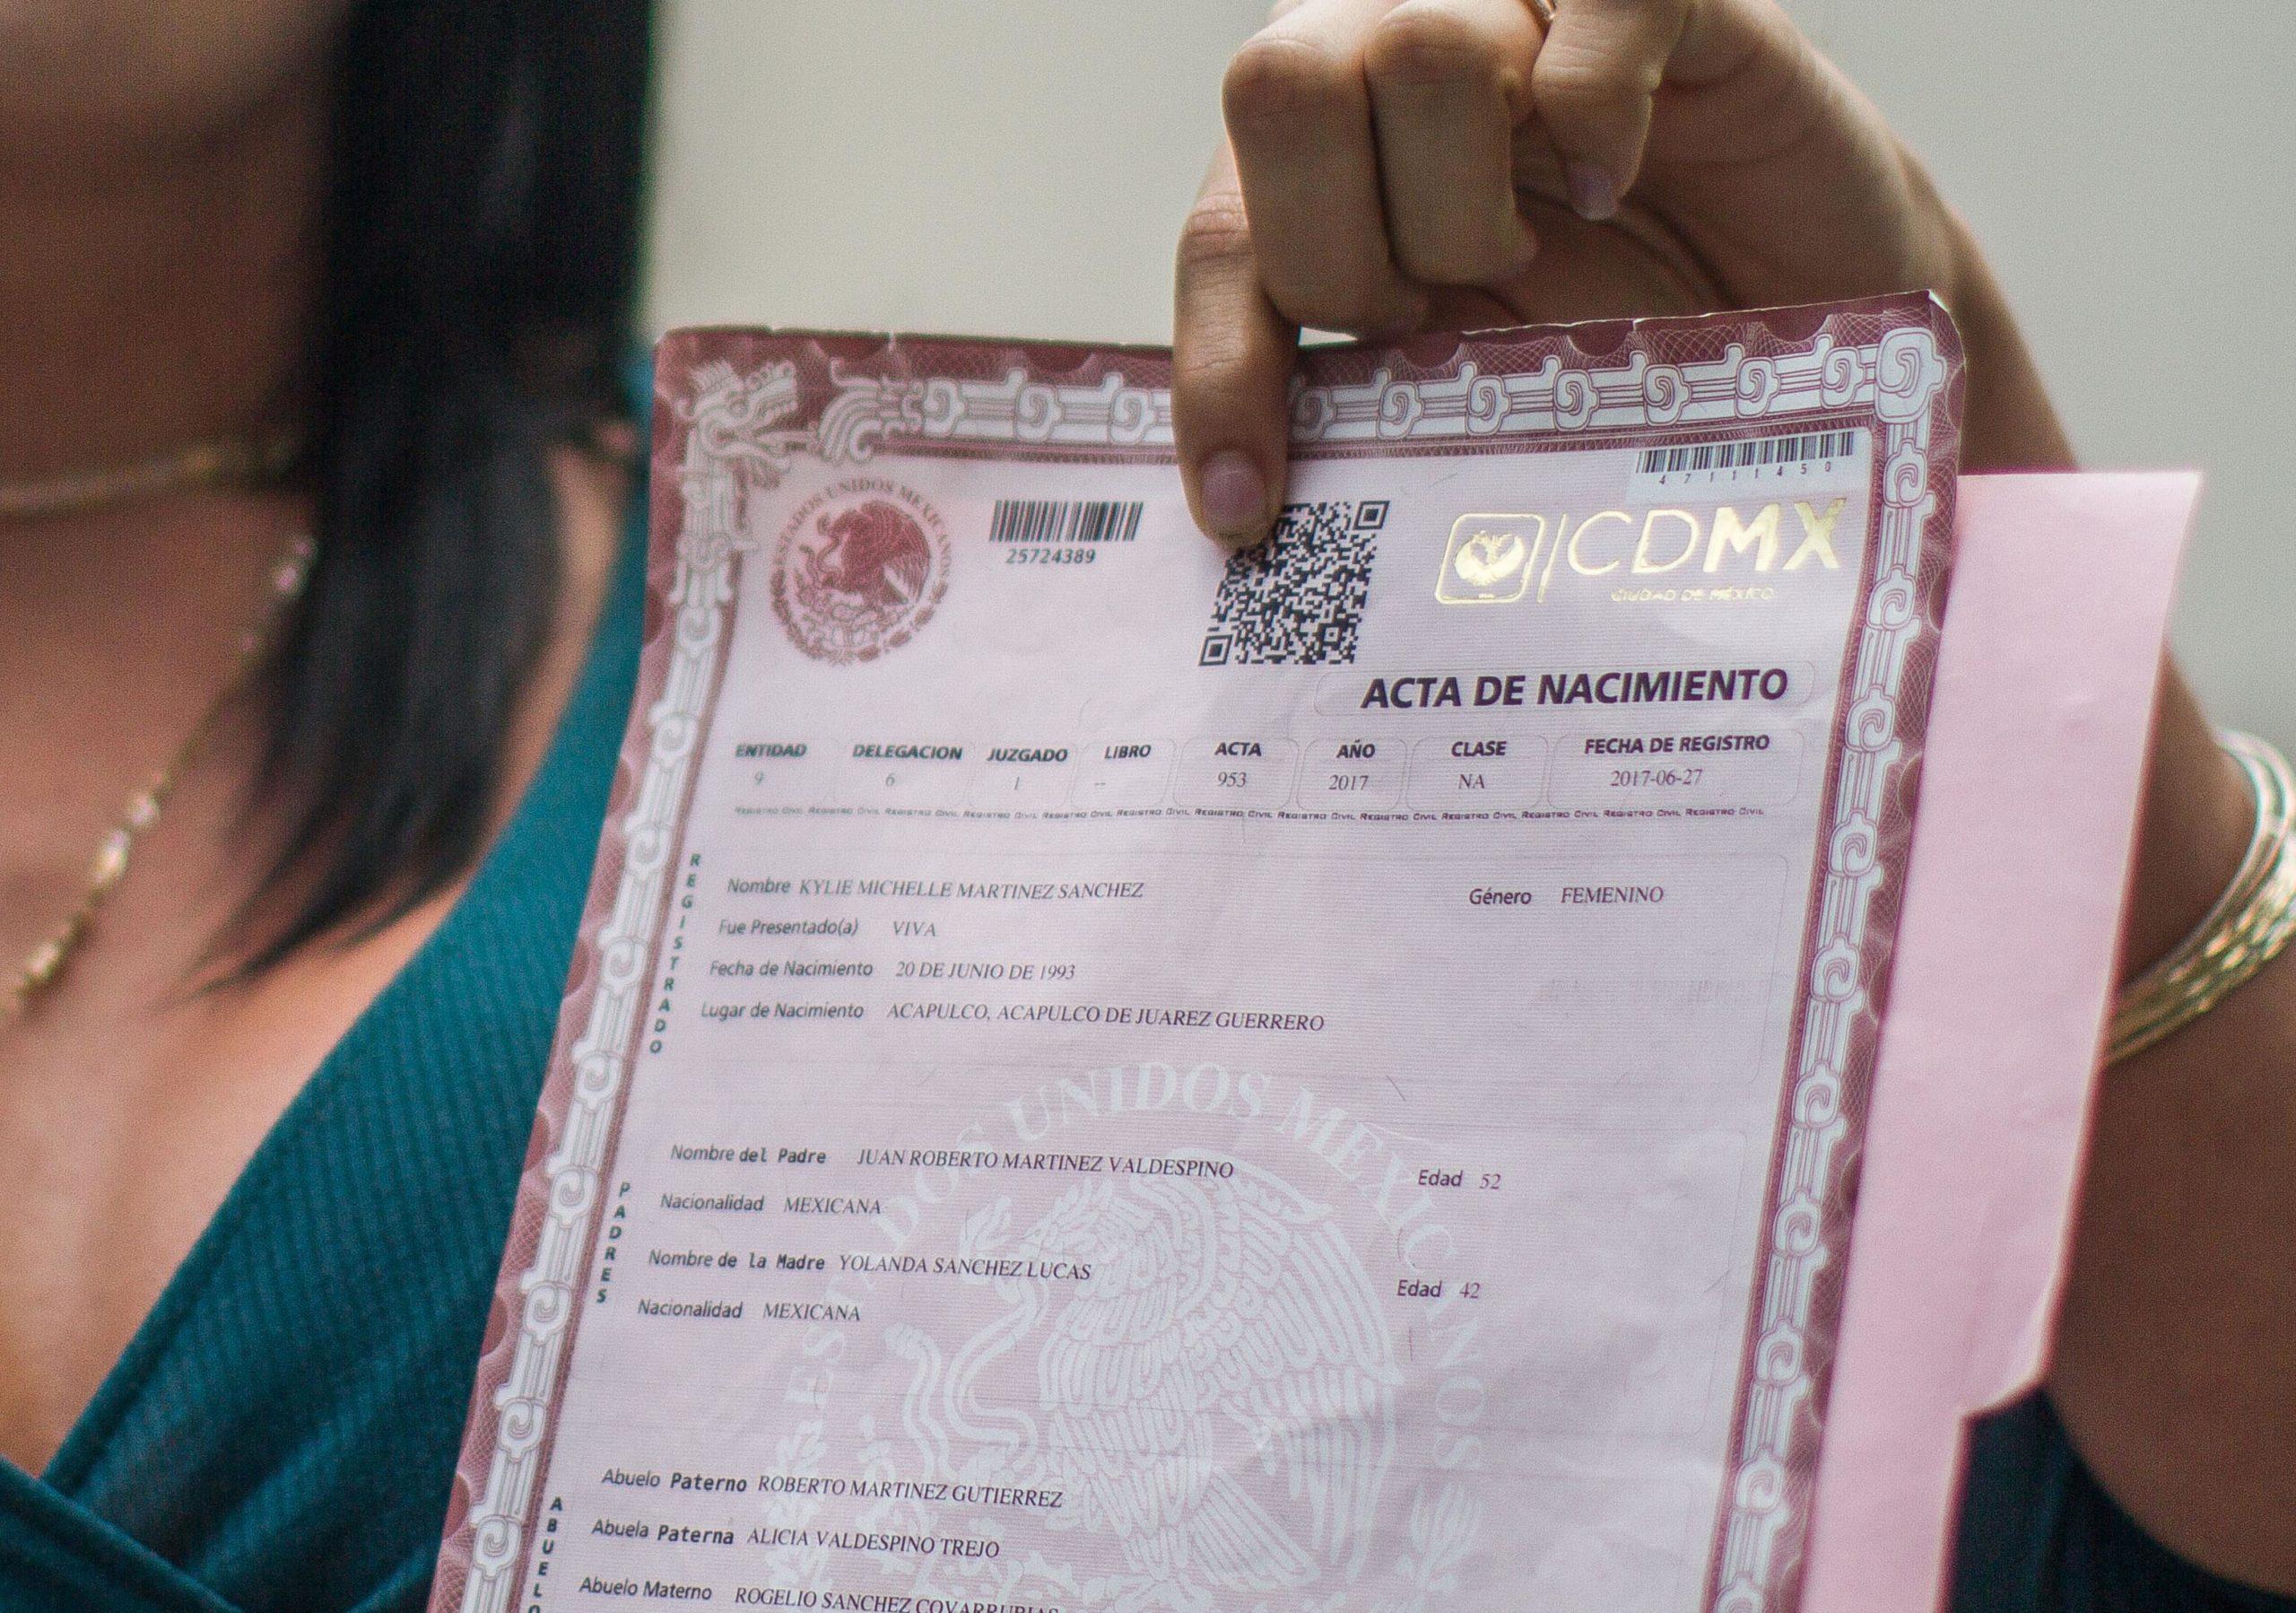 Buscan garantizar rectificación de nombre y sexo en actas de nacimiento